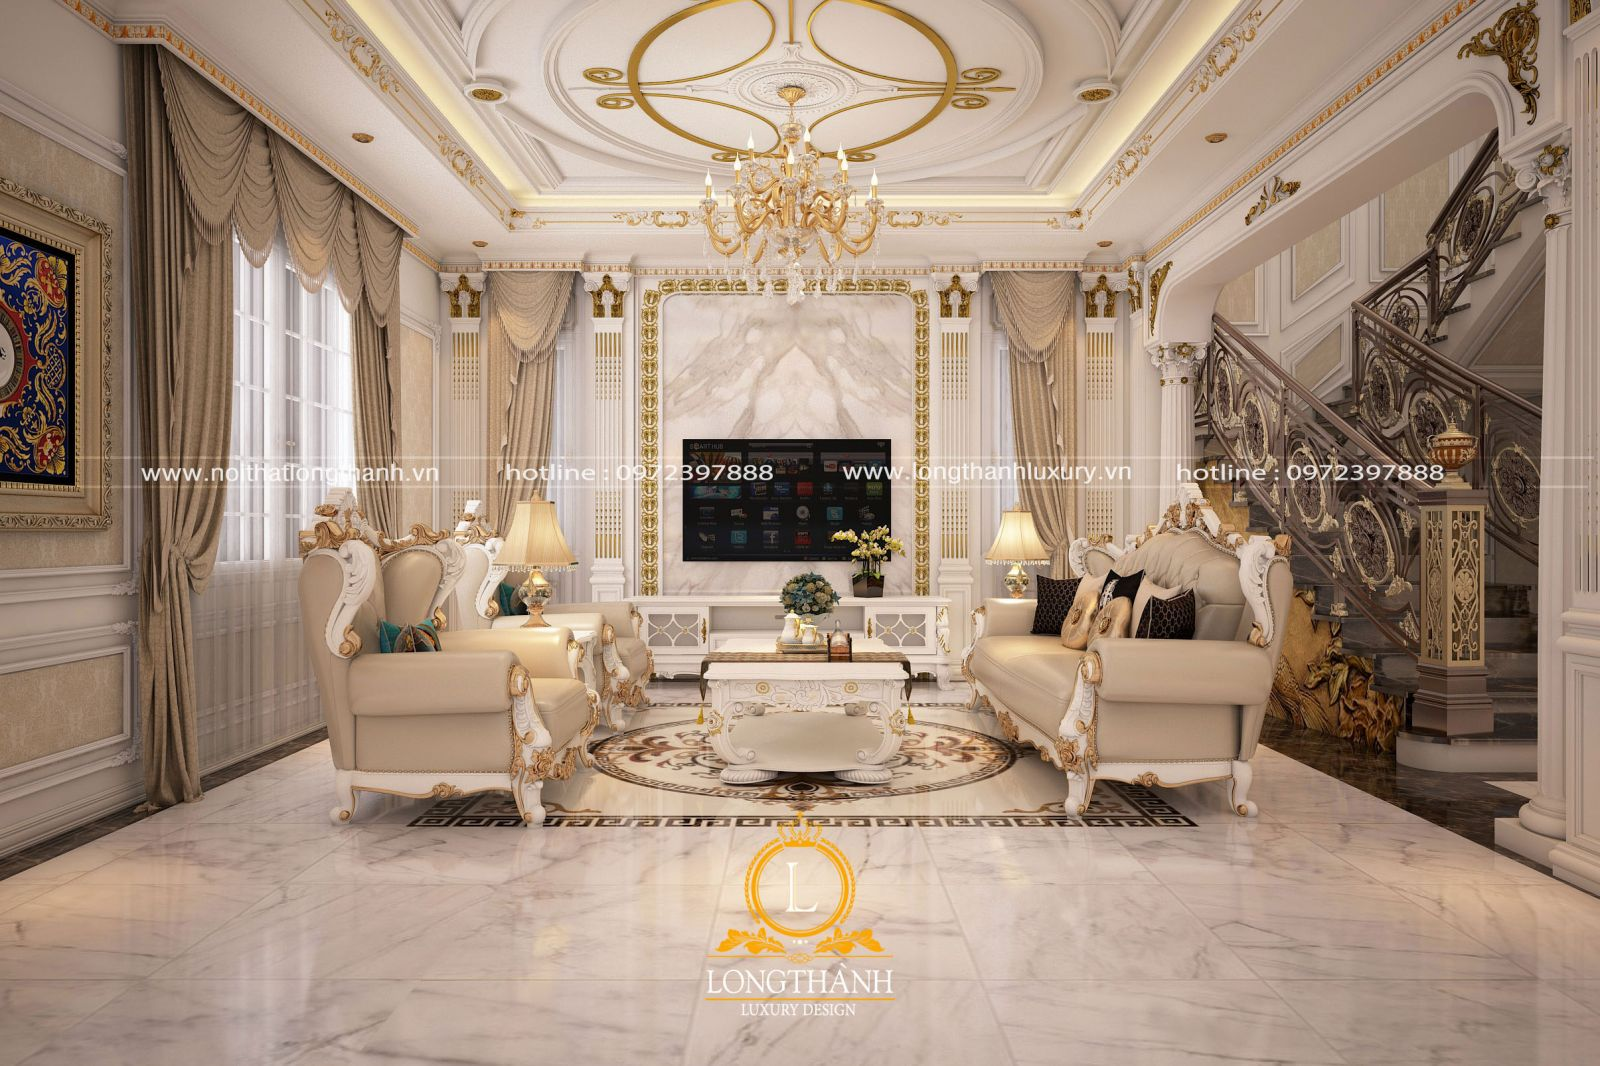 Đẹp nhẹ nhàng với mẫu phòng khách tân cổ điển gỗ tự nhiên sơn trắng